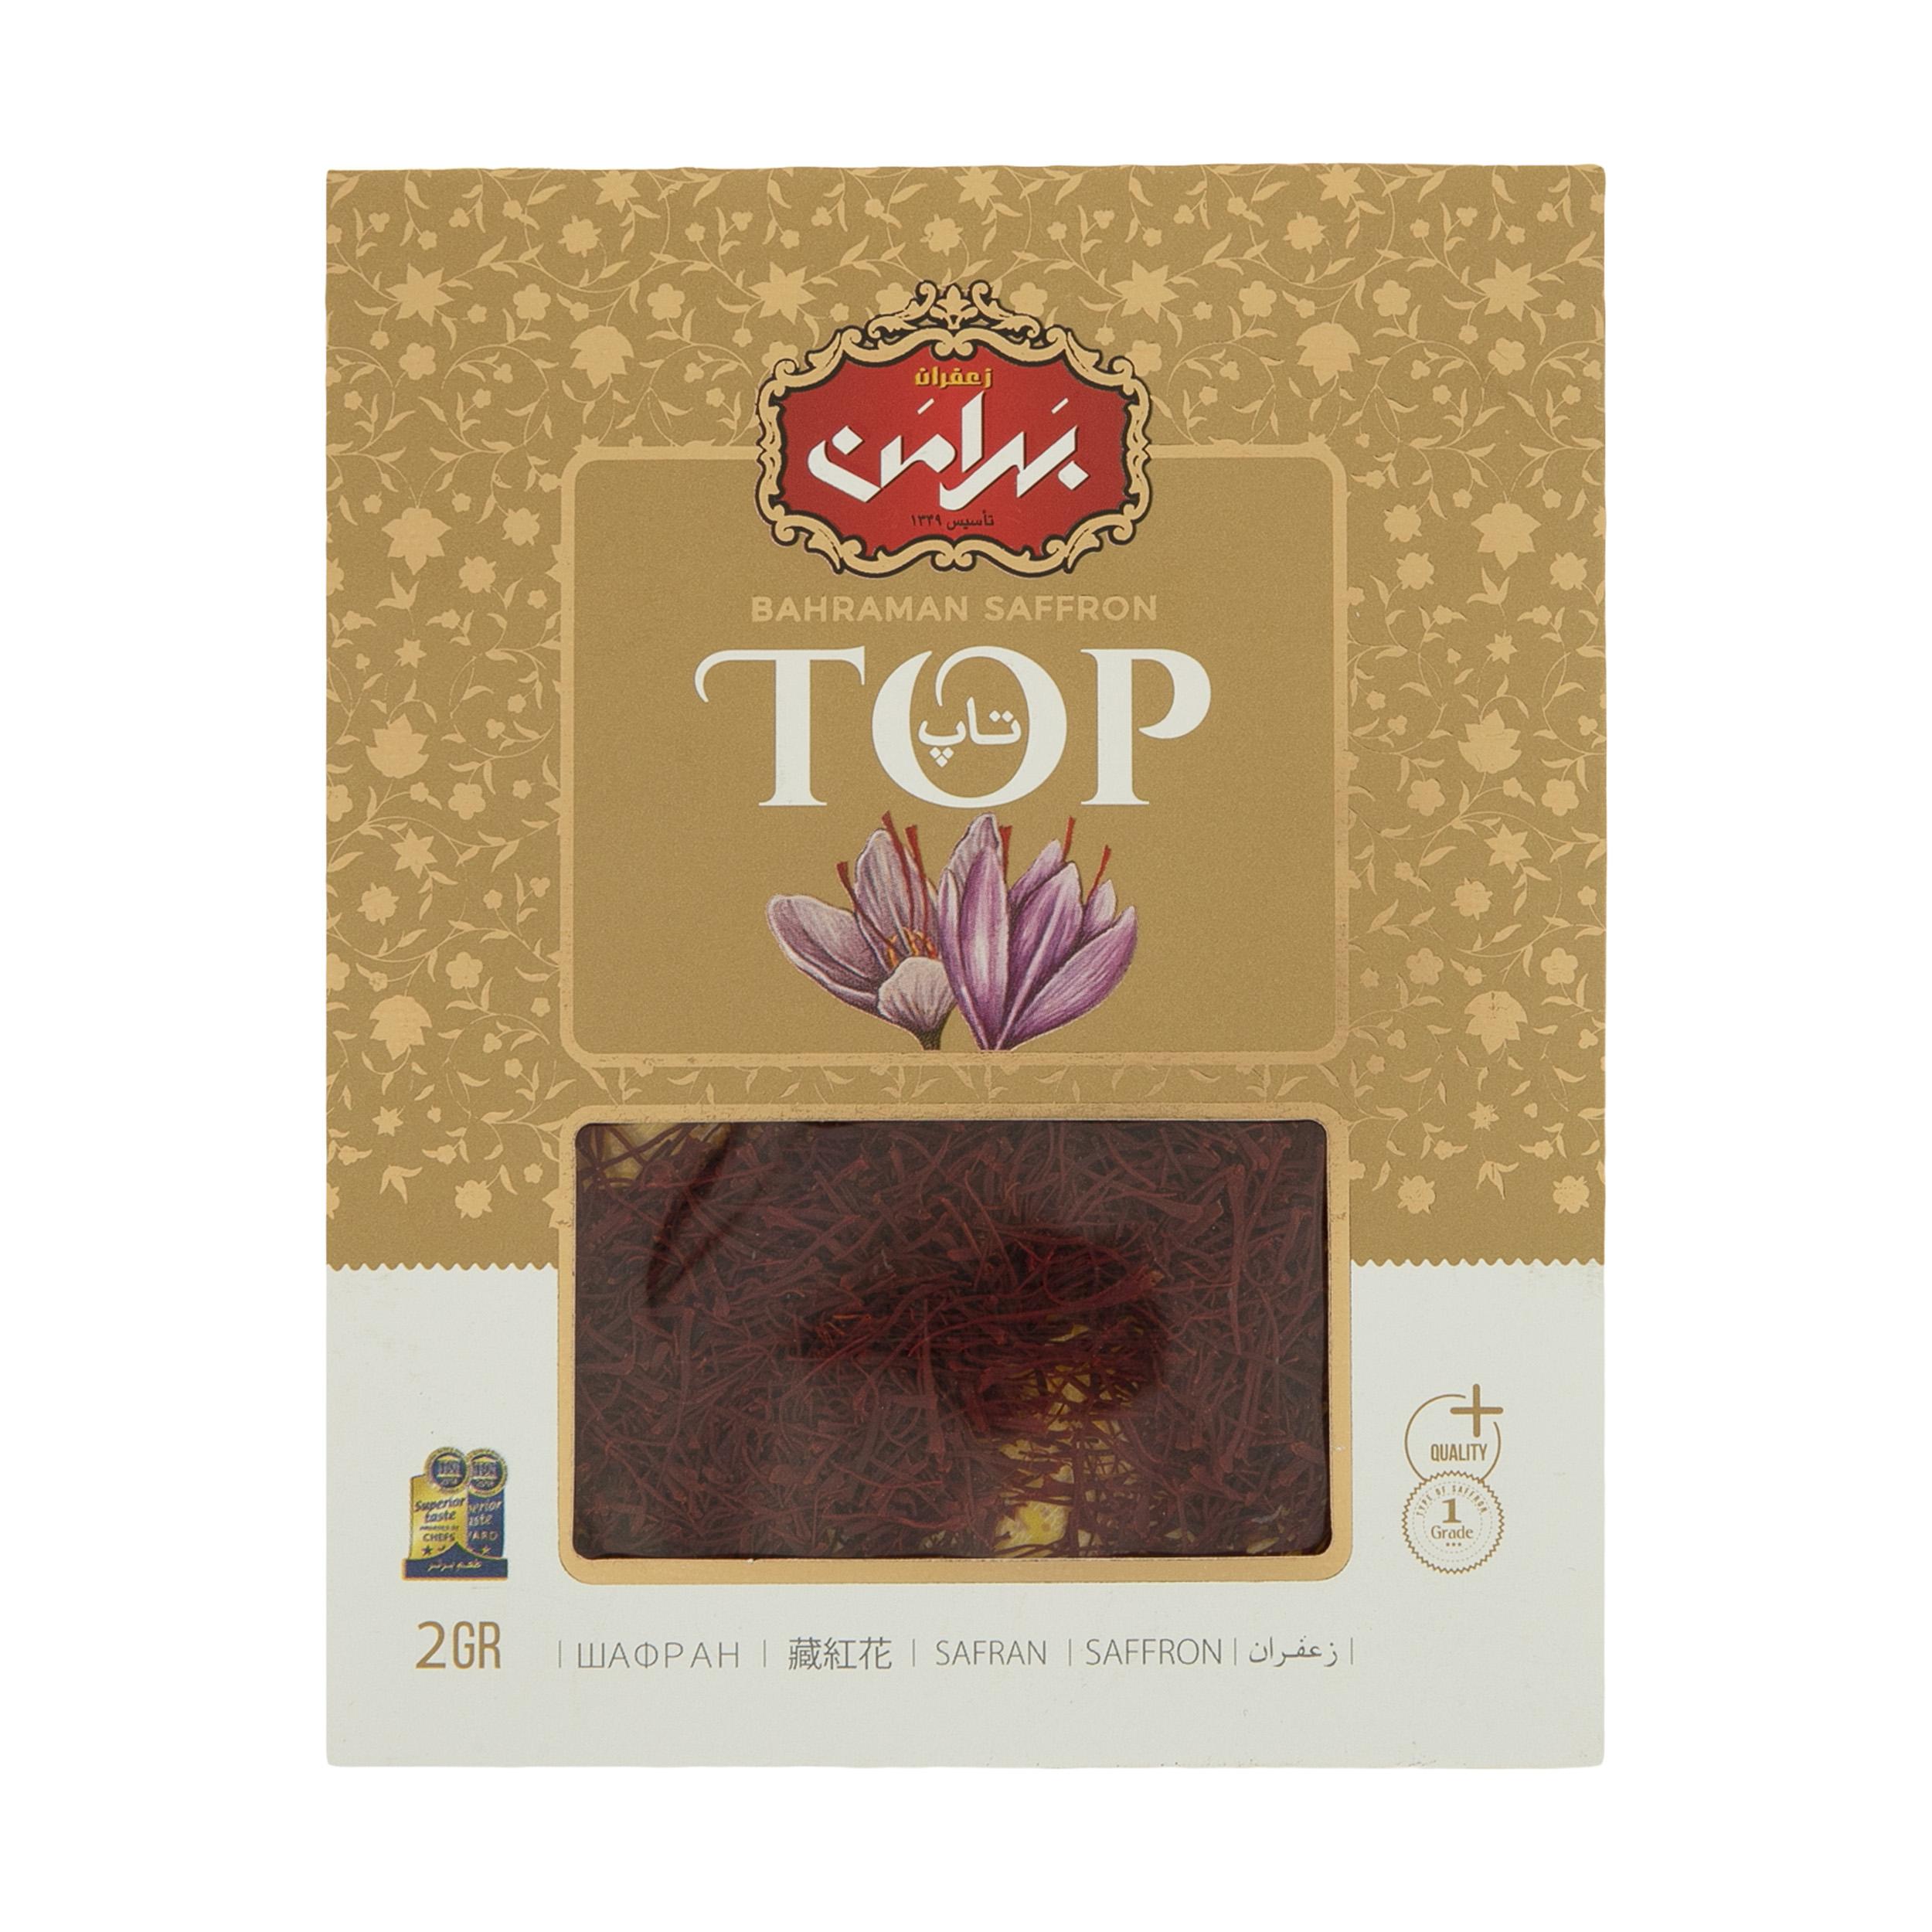 زعفران بهرامن سری تاپ مقدار 2 گرم